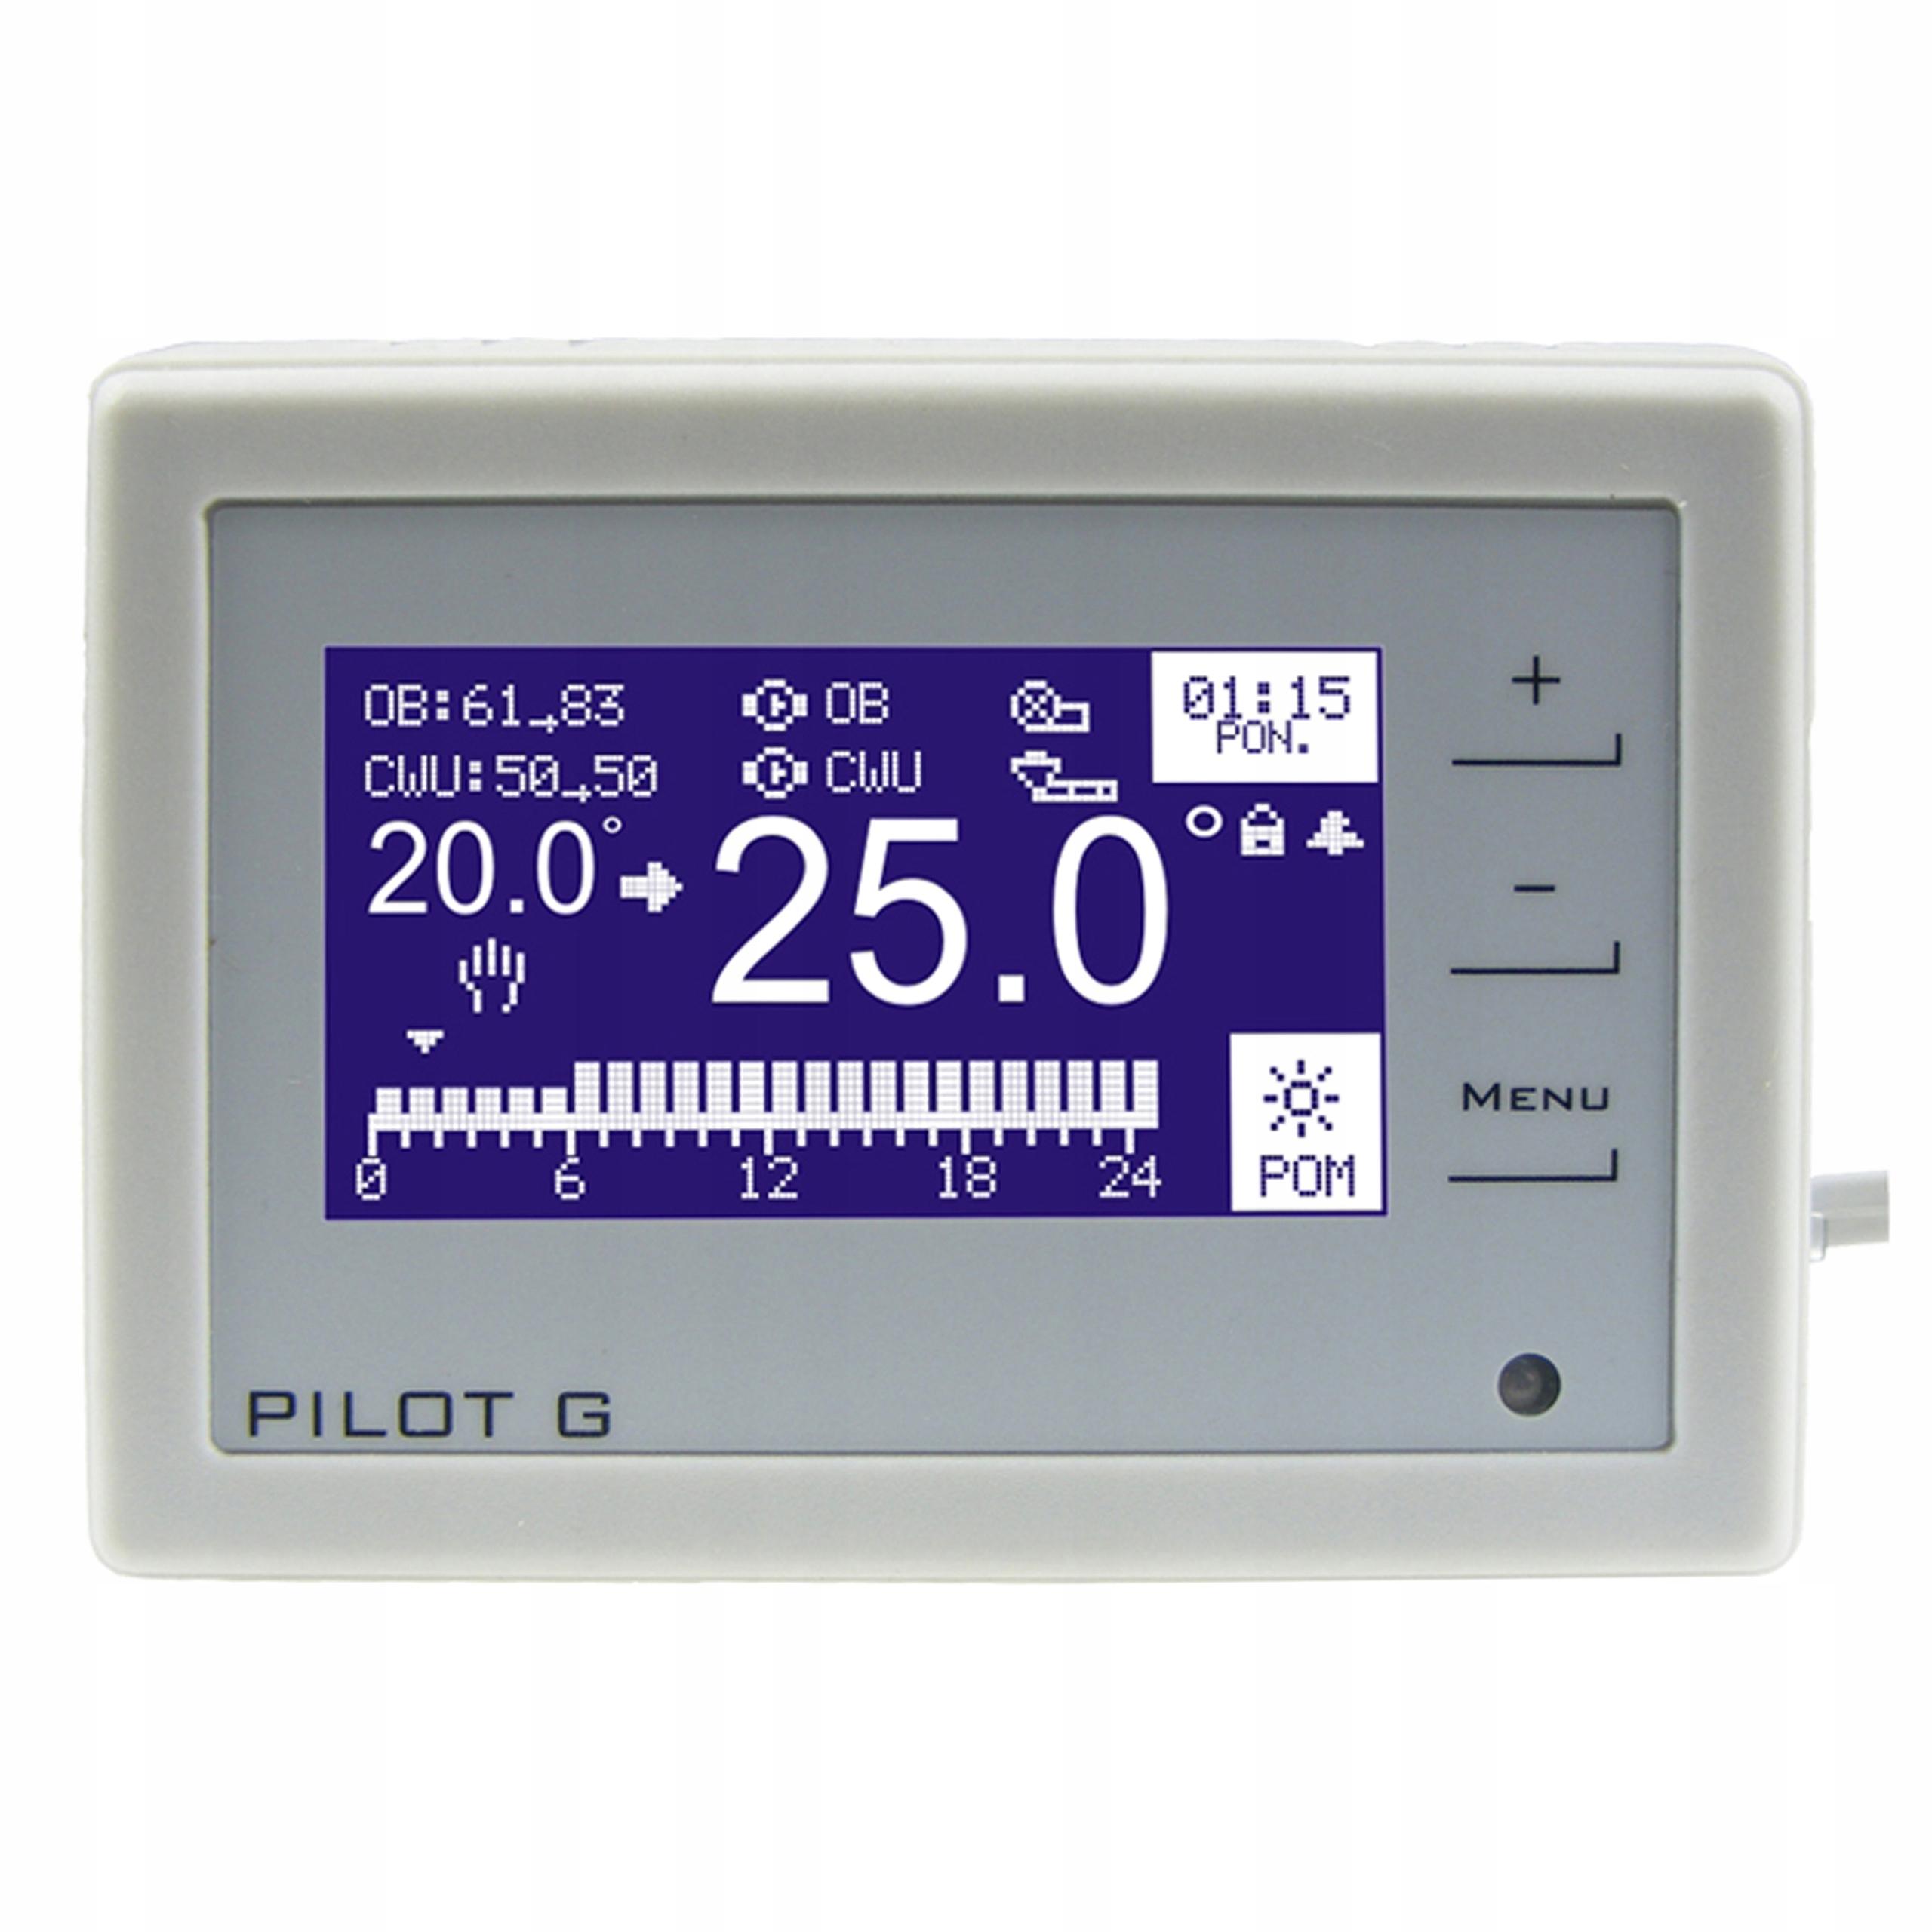 Panel pokojowy PILOT G termostat pokojowy od DOMER